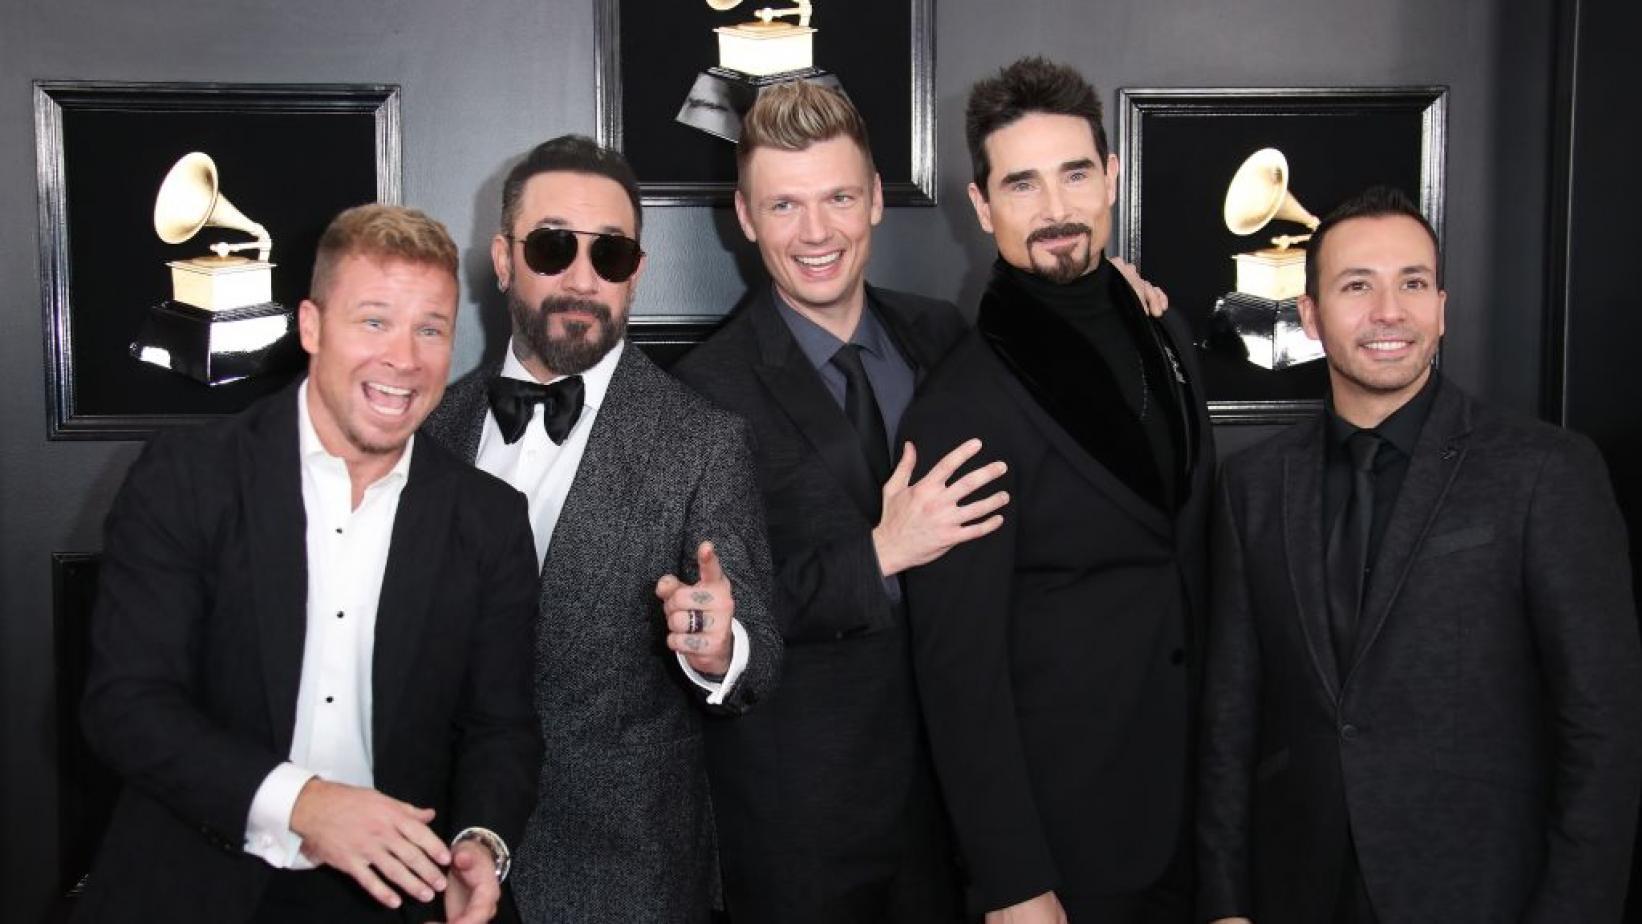 Fechas y precios del concierto de Backstreet Boys en CDMX